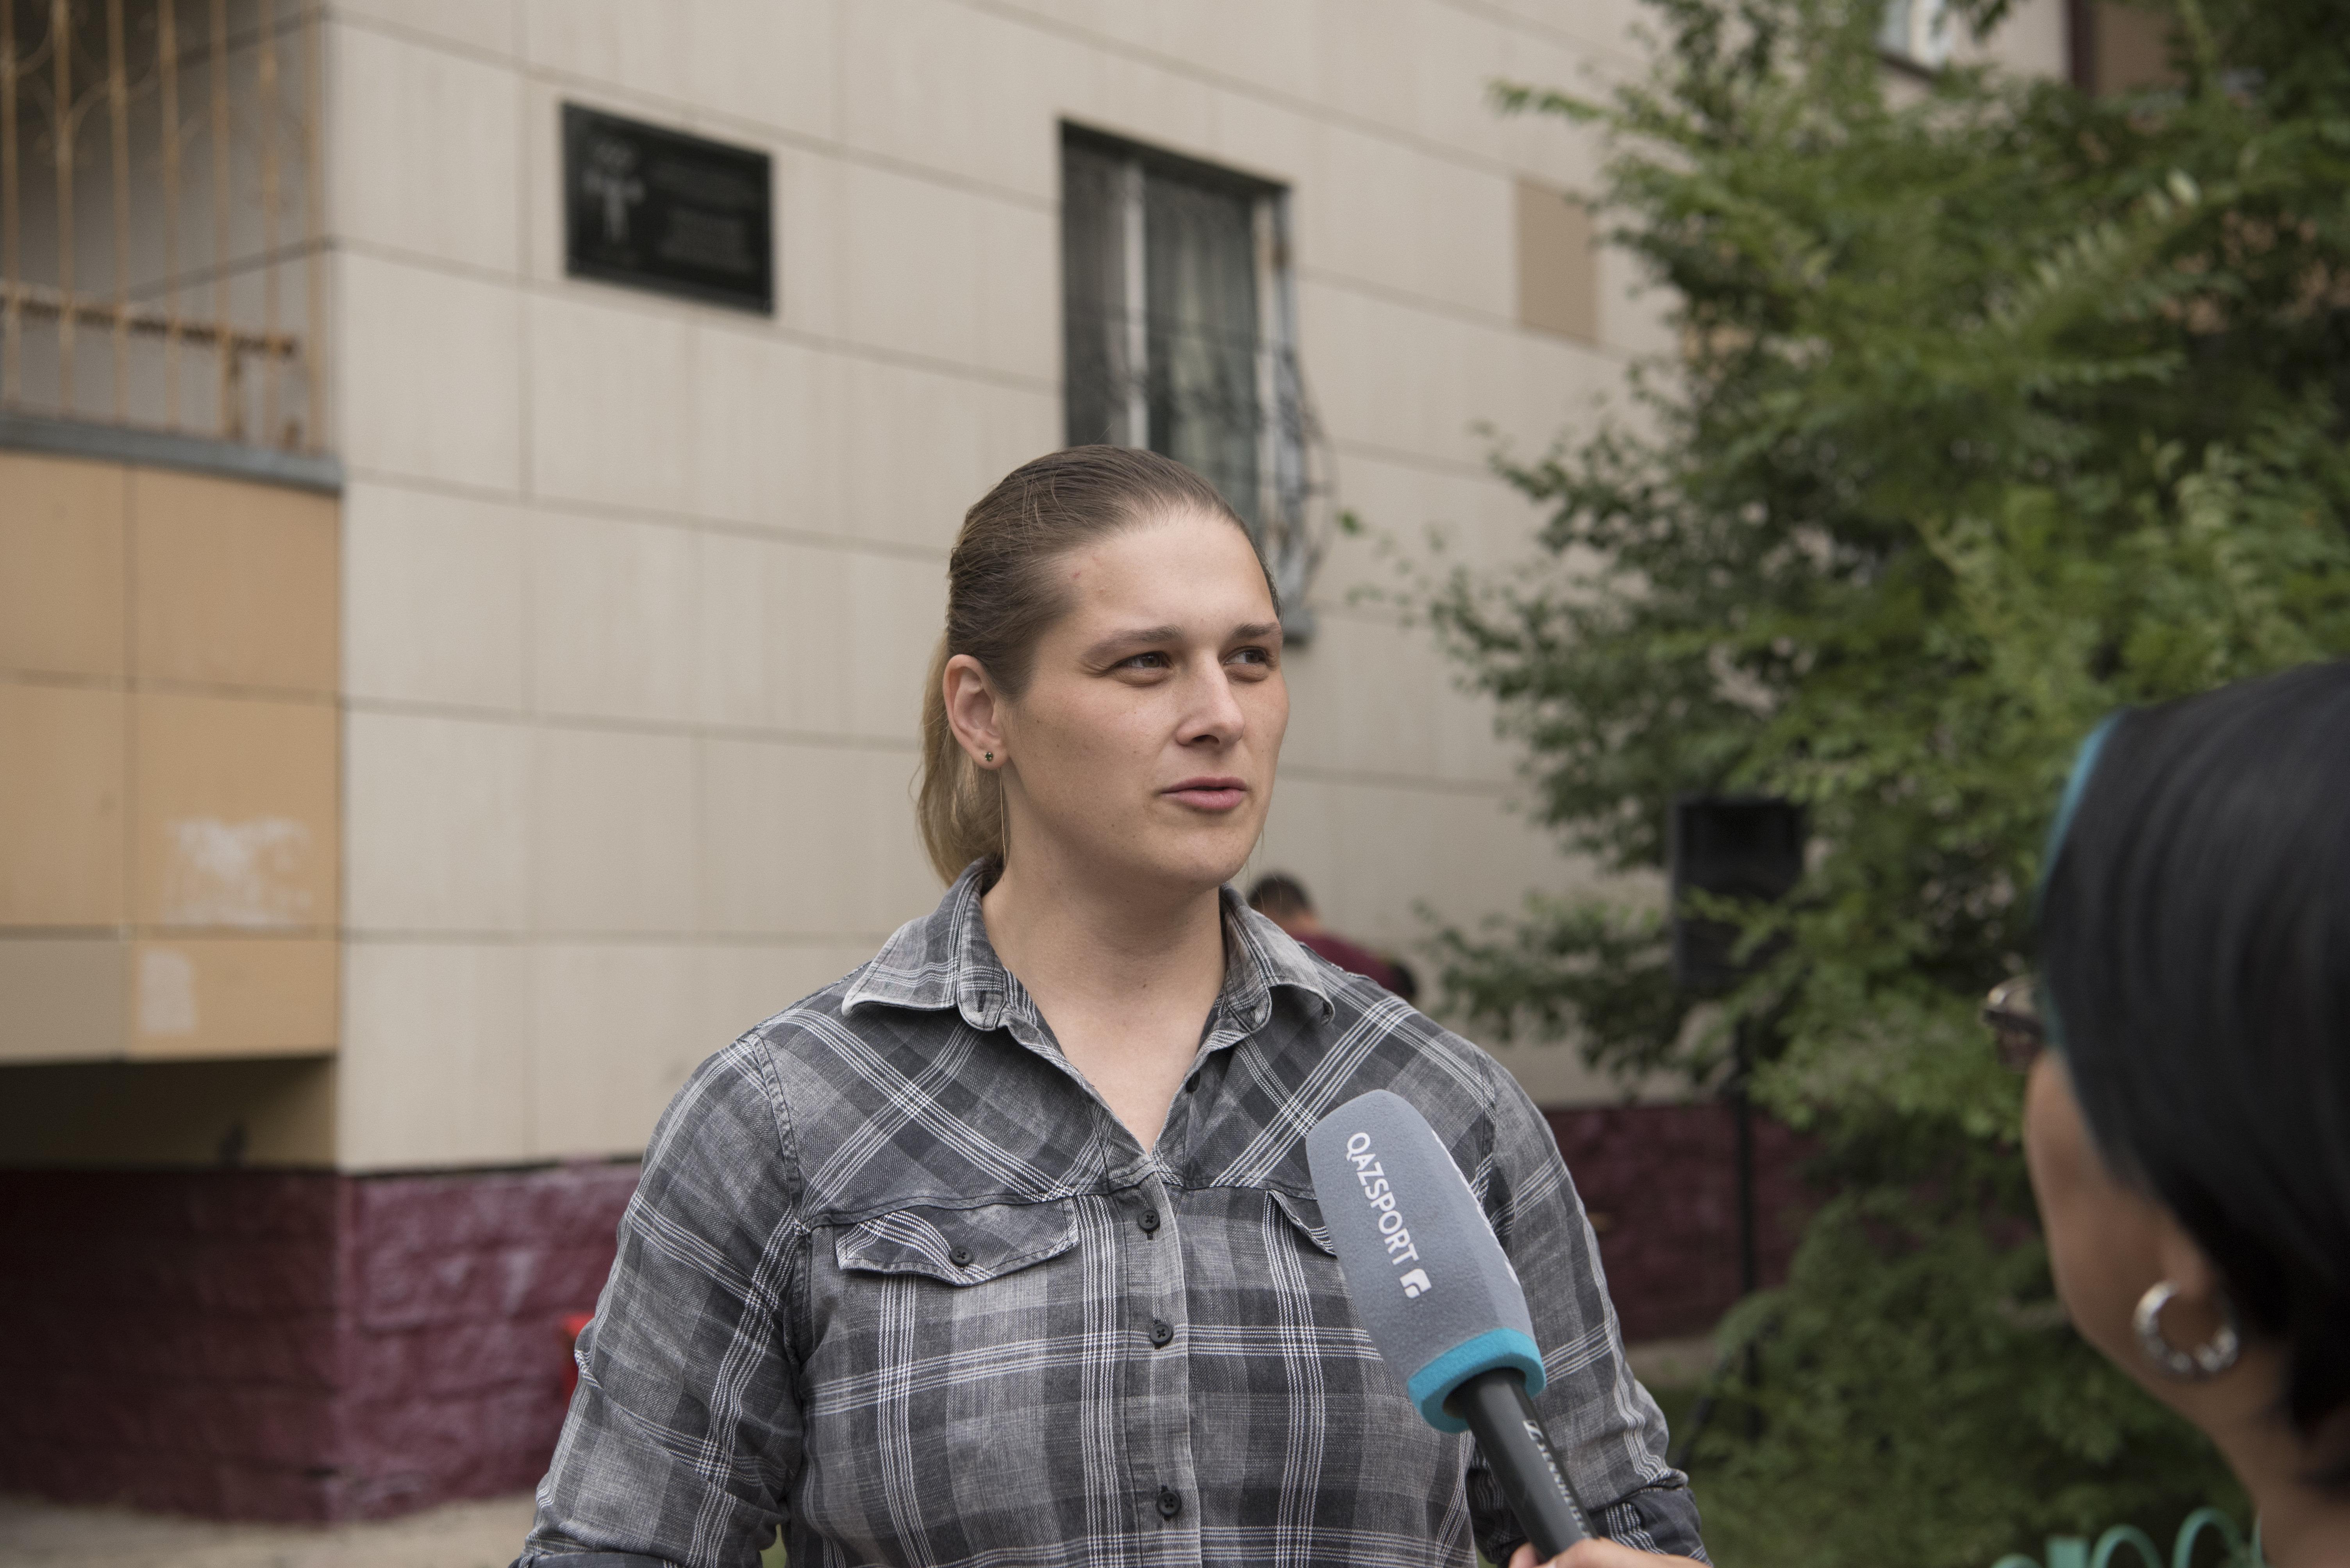 Тяжелоатлетка Мария Грабовецкая вспоминала о том, как Анатолий Храпатый собирался поддержать казахстанскую команду на Олимпиаде в Пекине в 2008 году, но не успел